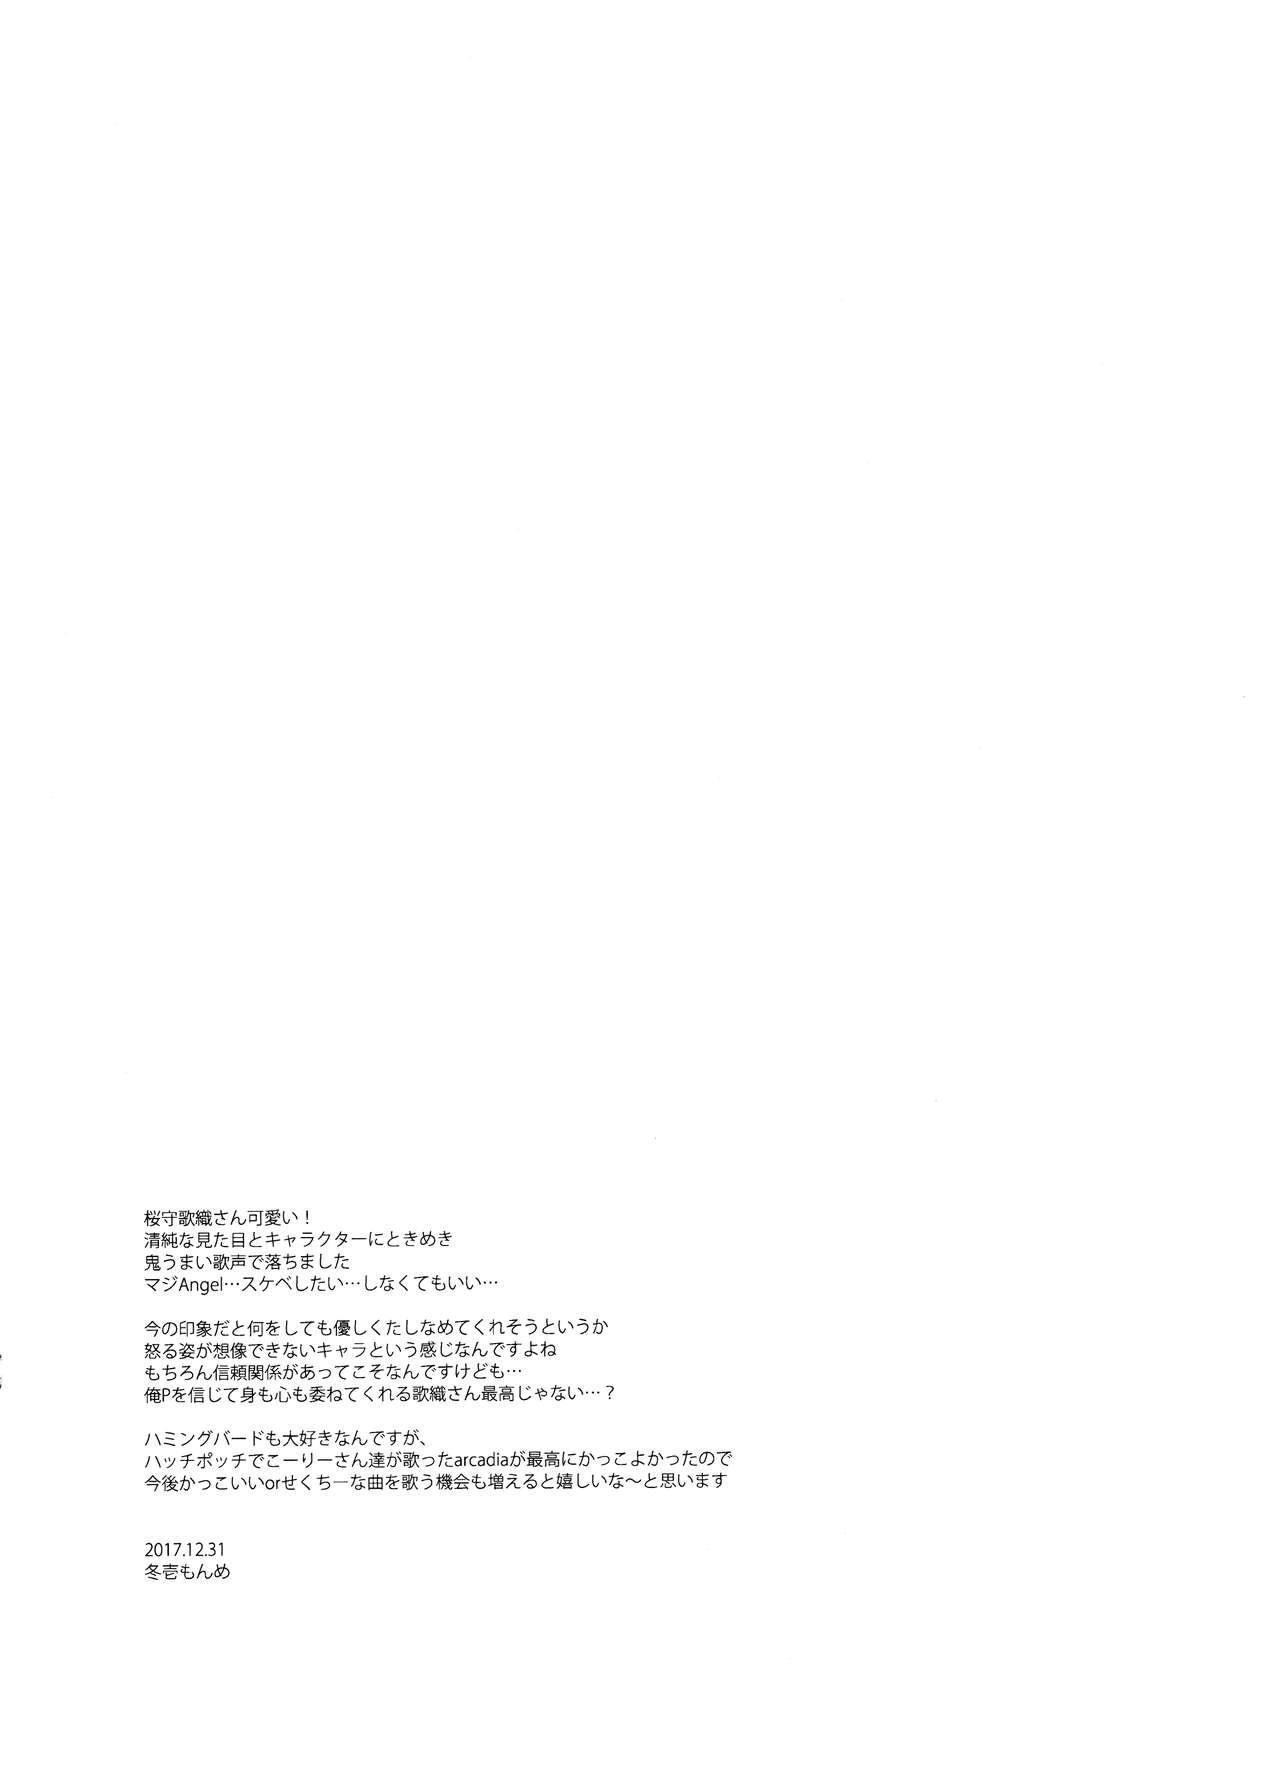 Kaori-san no Mizugi ni Muramura Shitara, 19